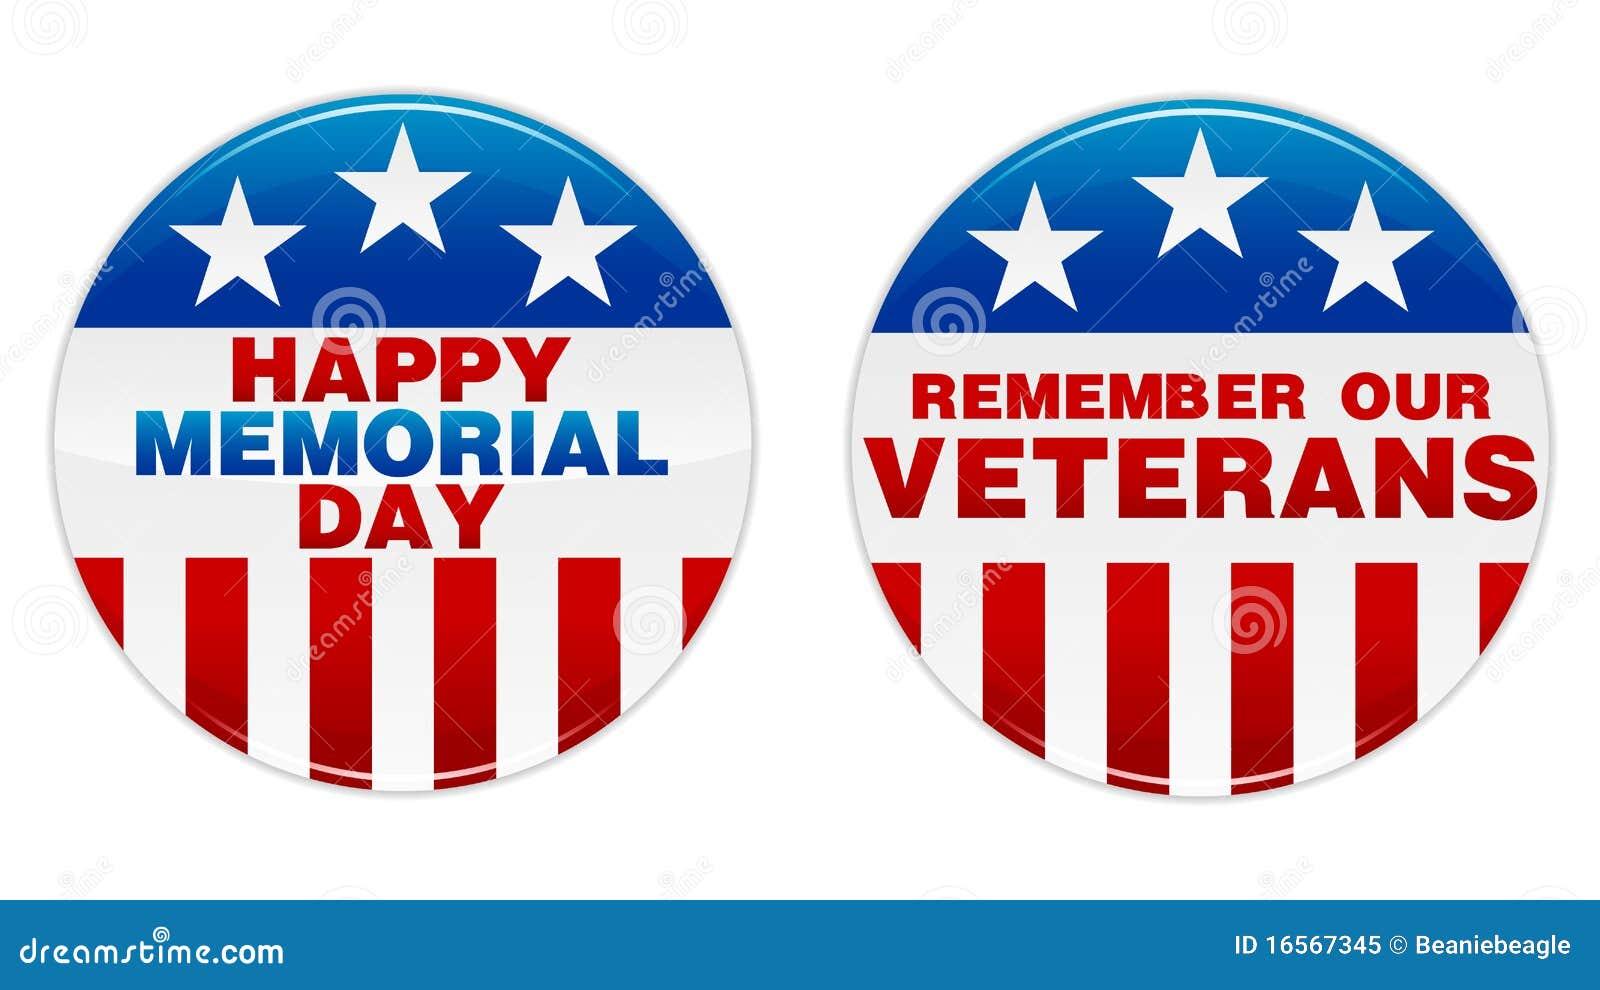 Emblema do Memorial Day